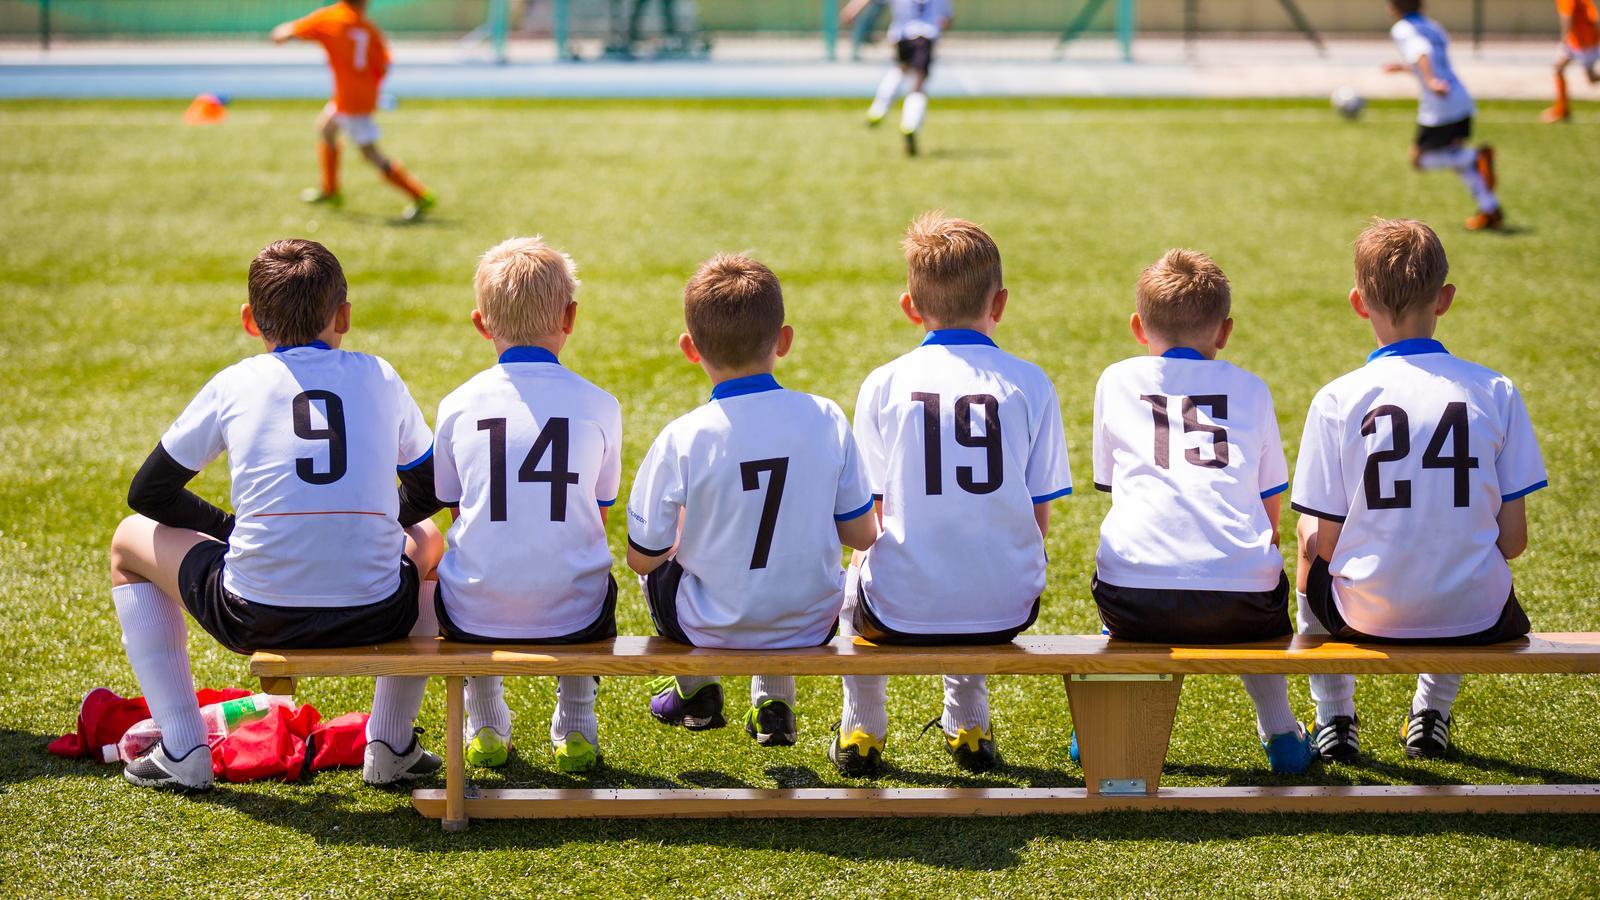 zahlen im monat juli 2015 fußball